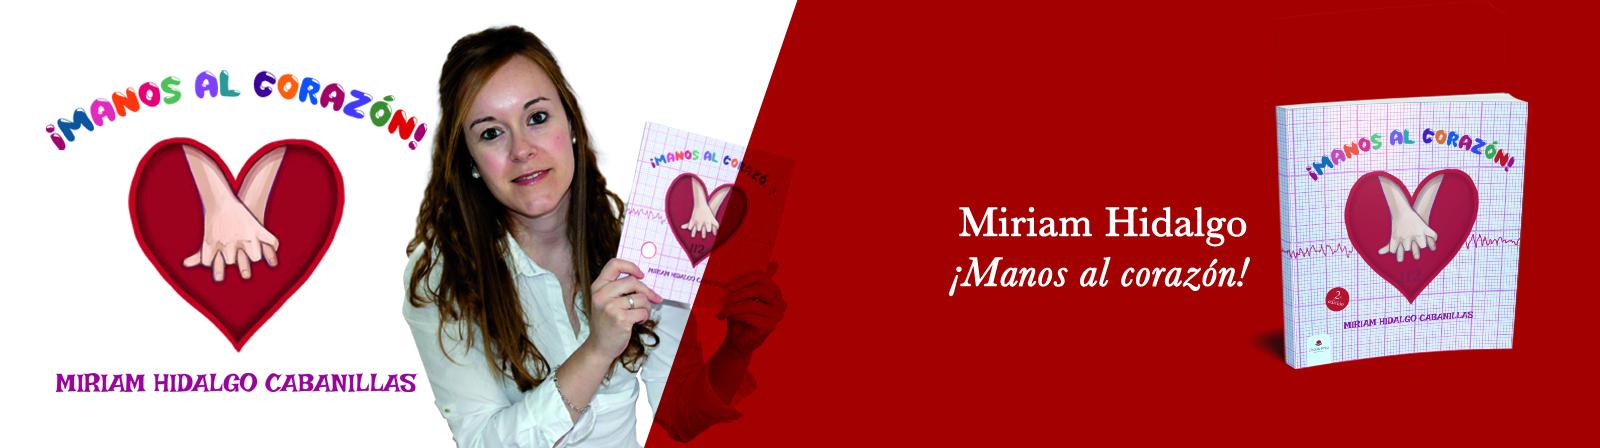 _Miriam Hidalgo- ¡Manos al corazón!